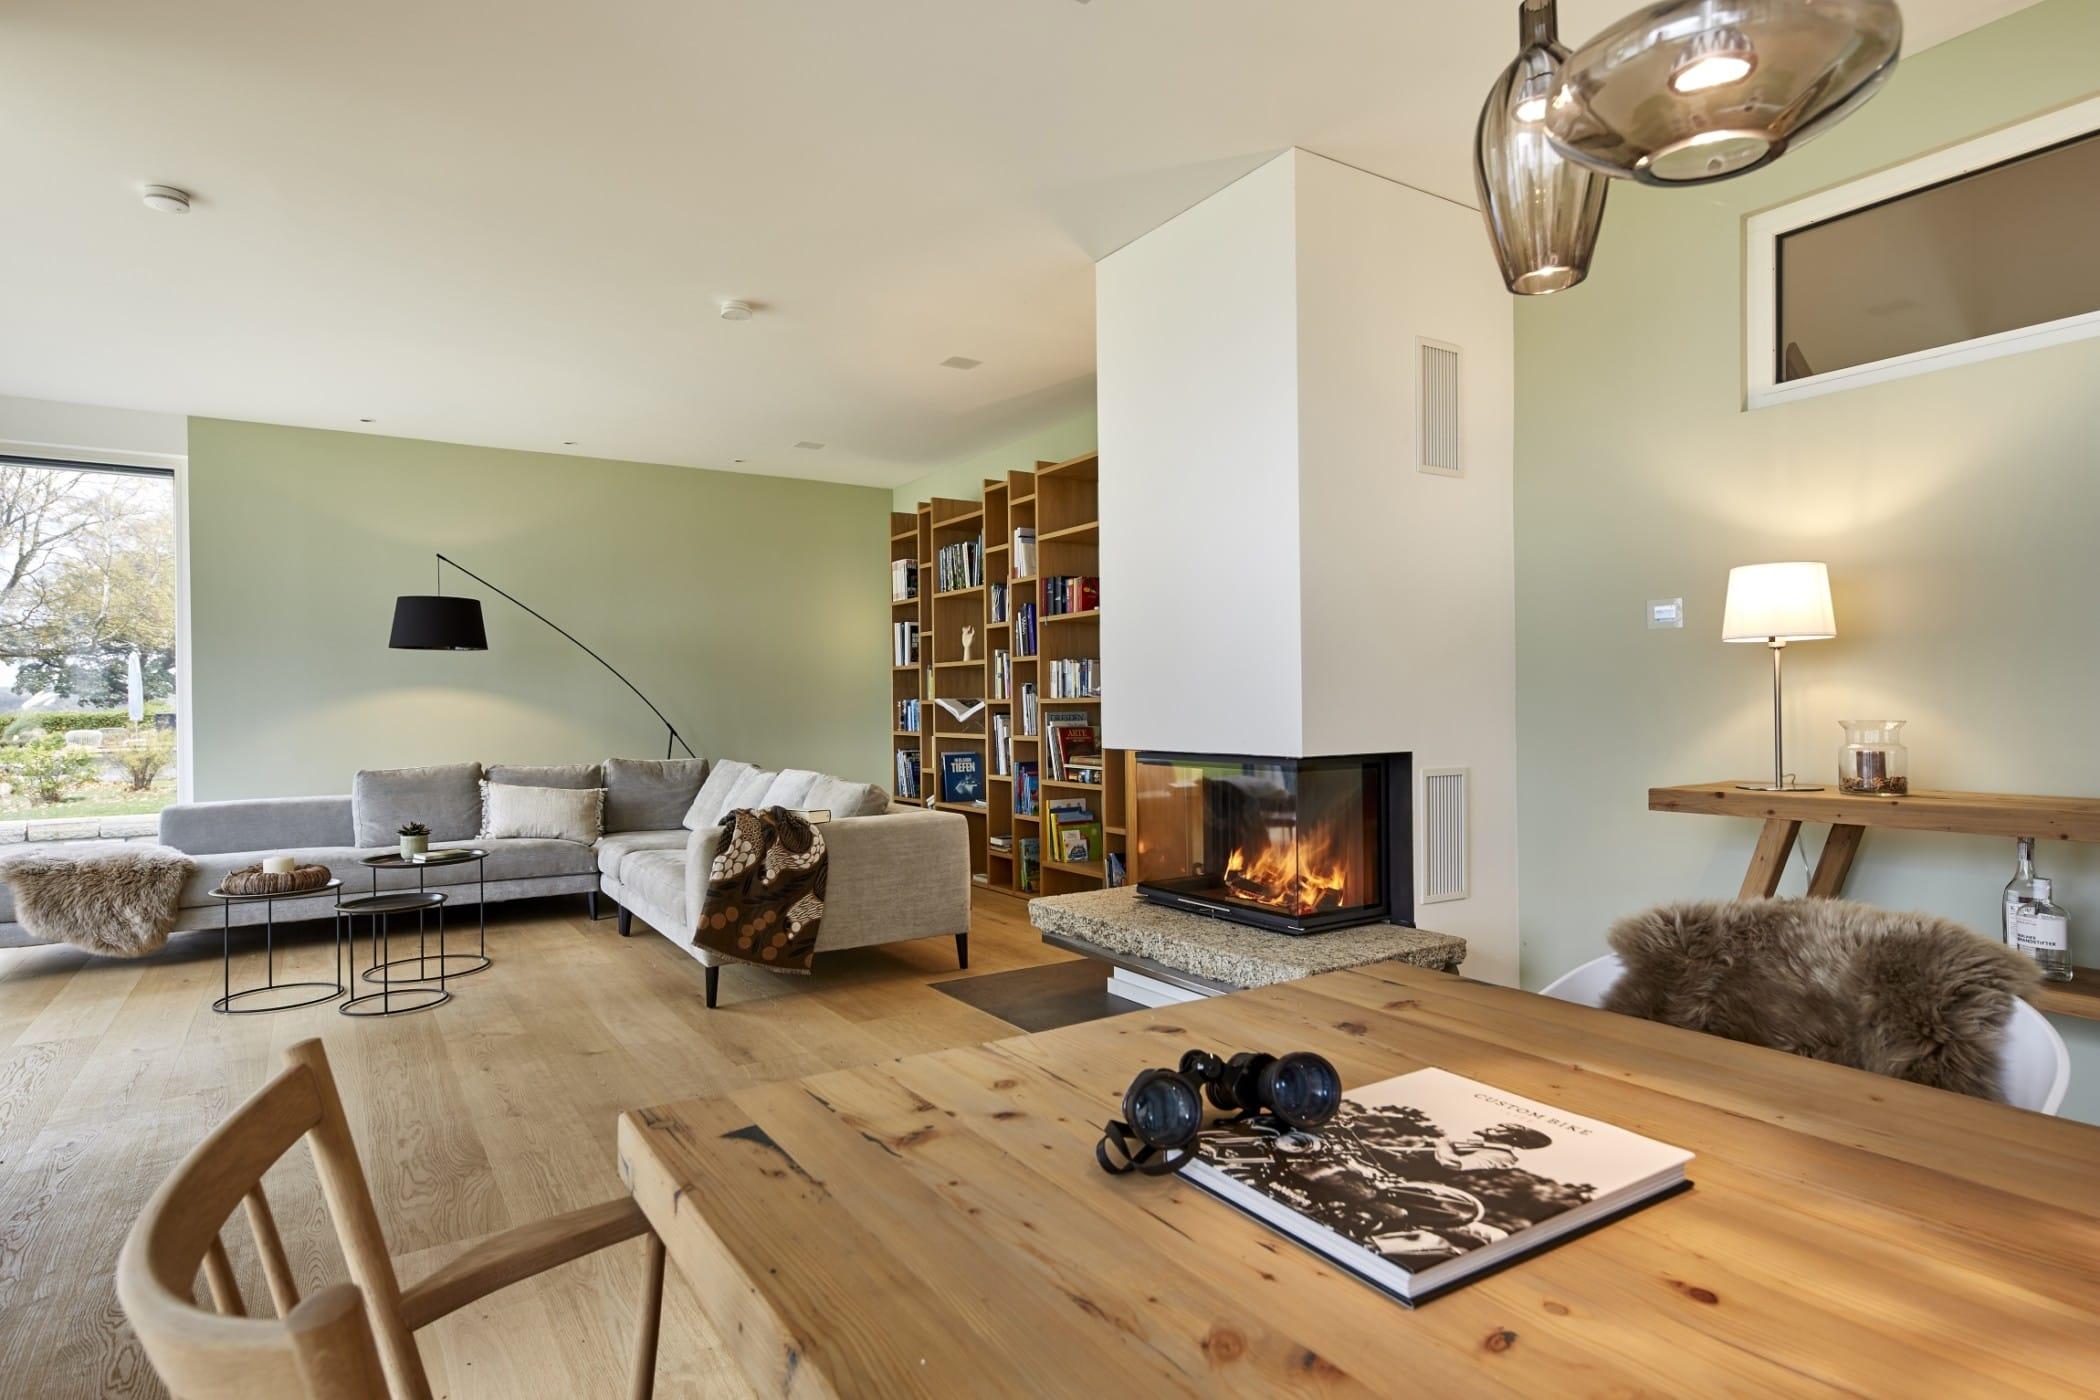 Offenes Wohnzimmer modern mit Essbereich & Kamin - Wohnideen Haus Inneneinrichtung BAUFRITZ Architektenhaus MEHRBLICK - HausbauDirekt.de